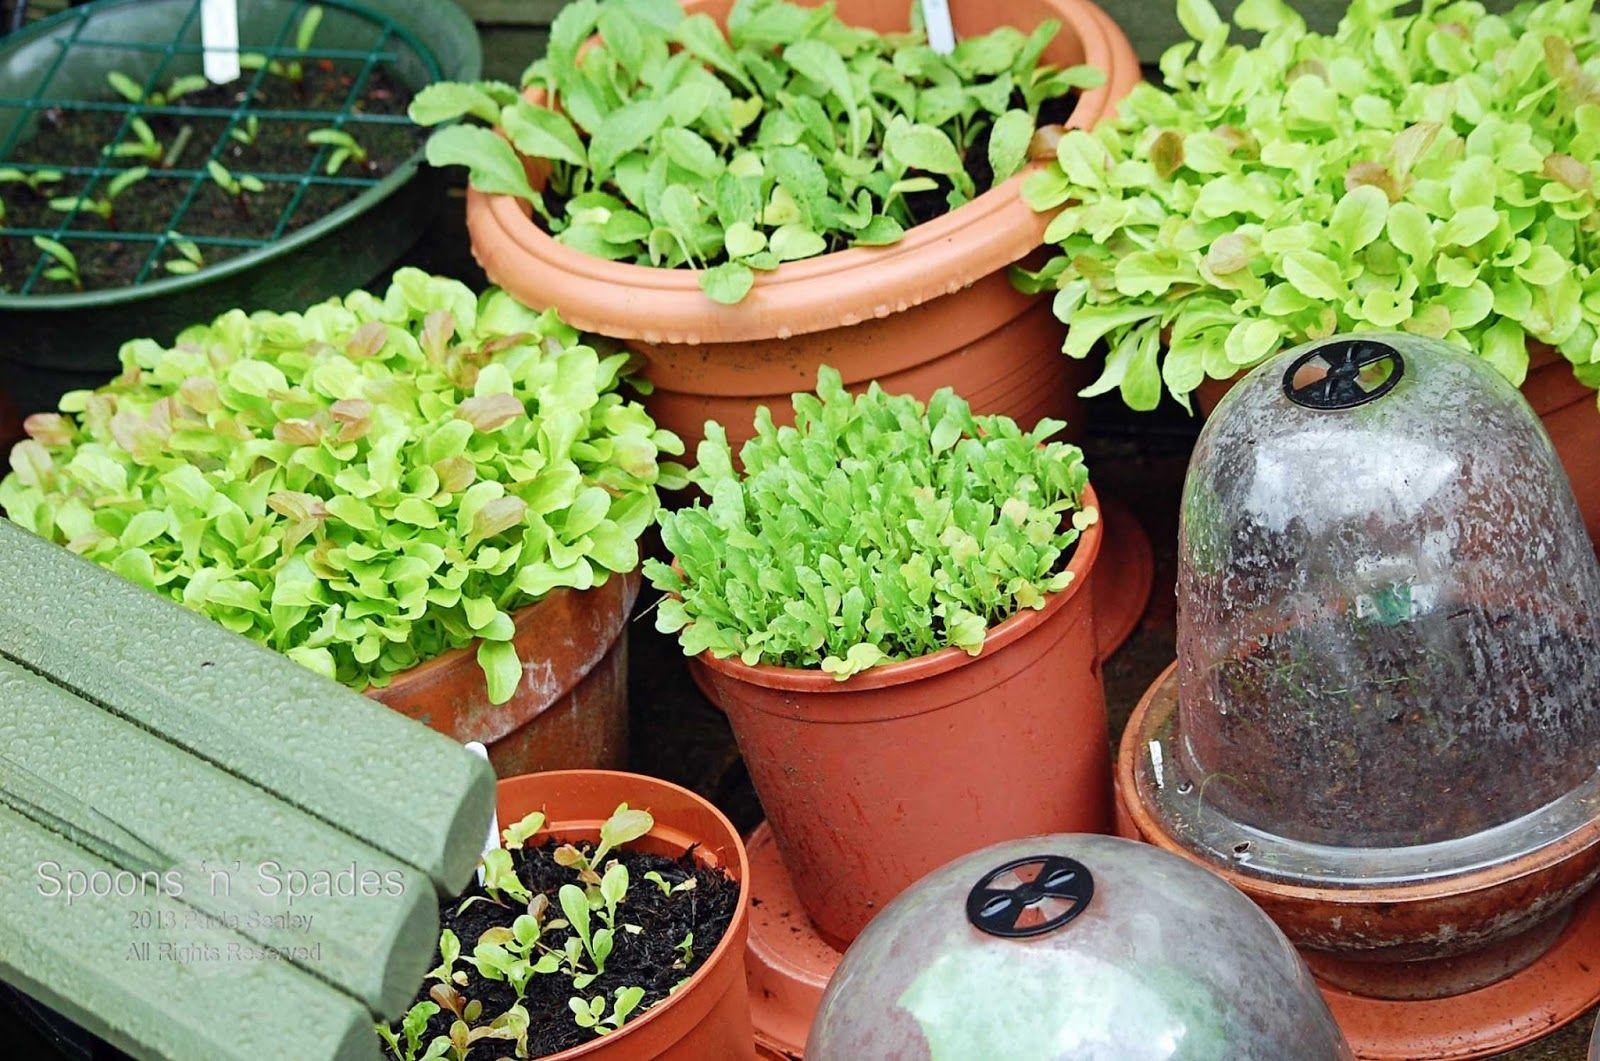 Home Vegetable Garden In Pots